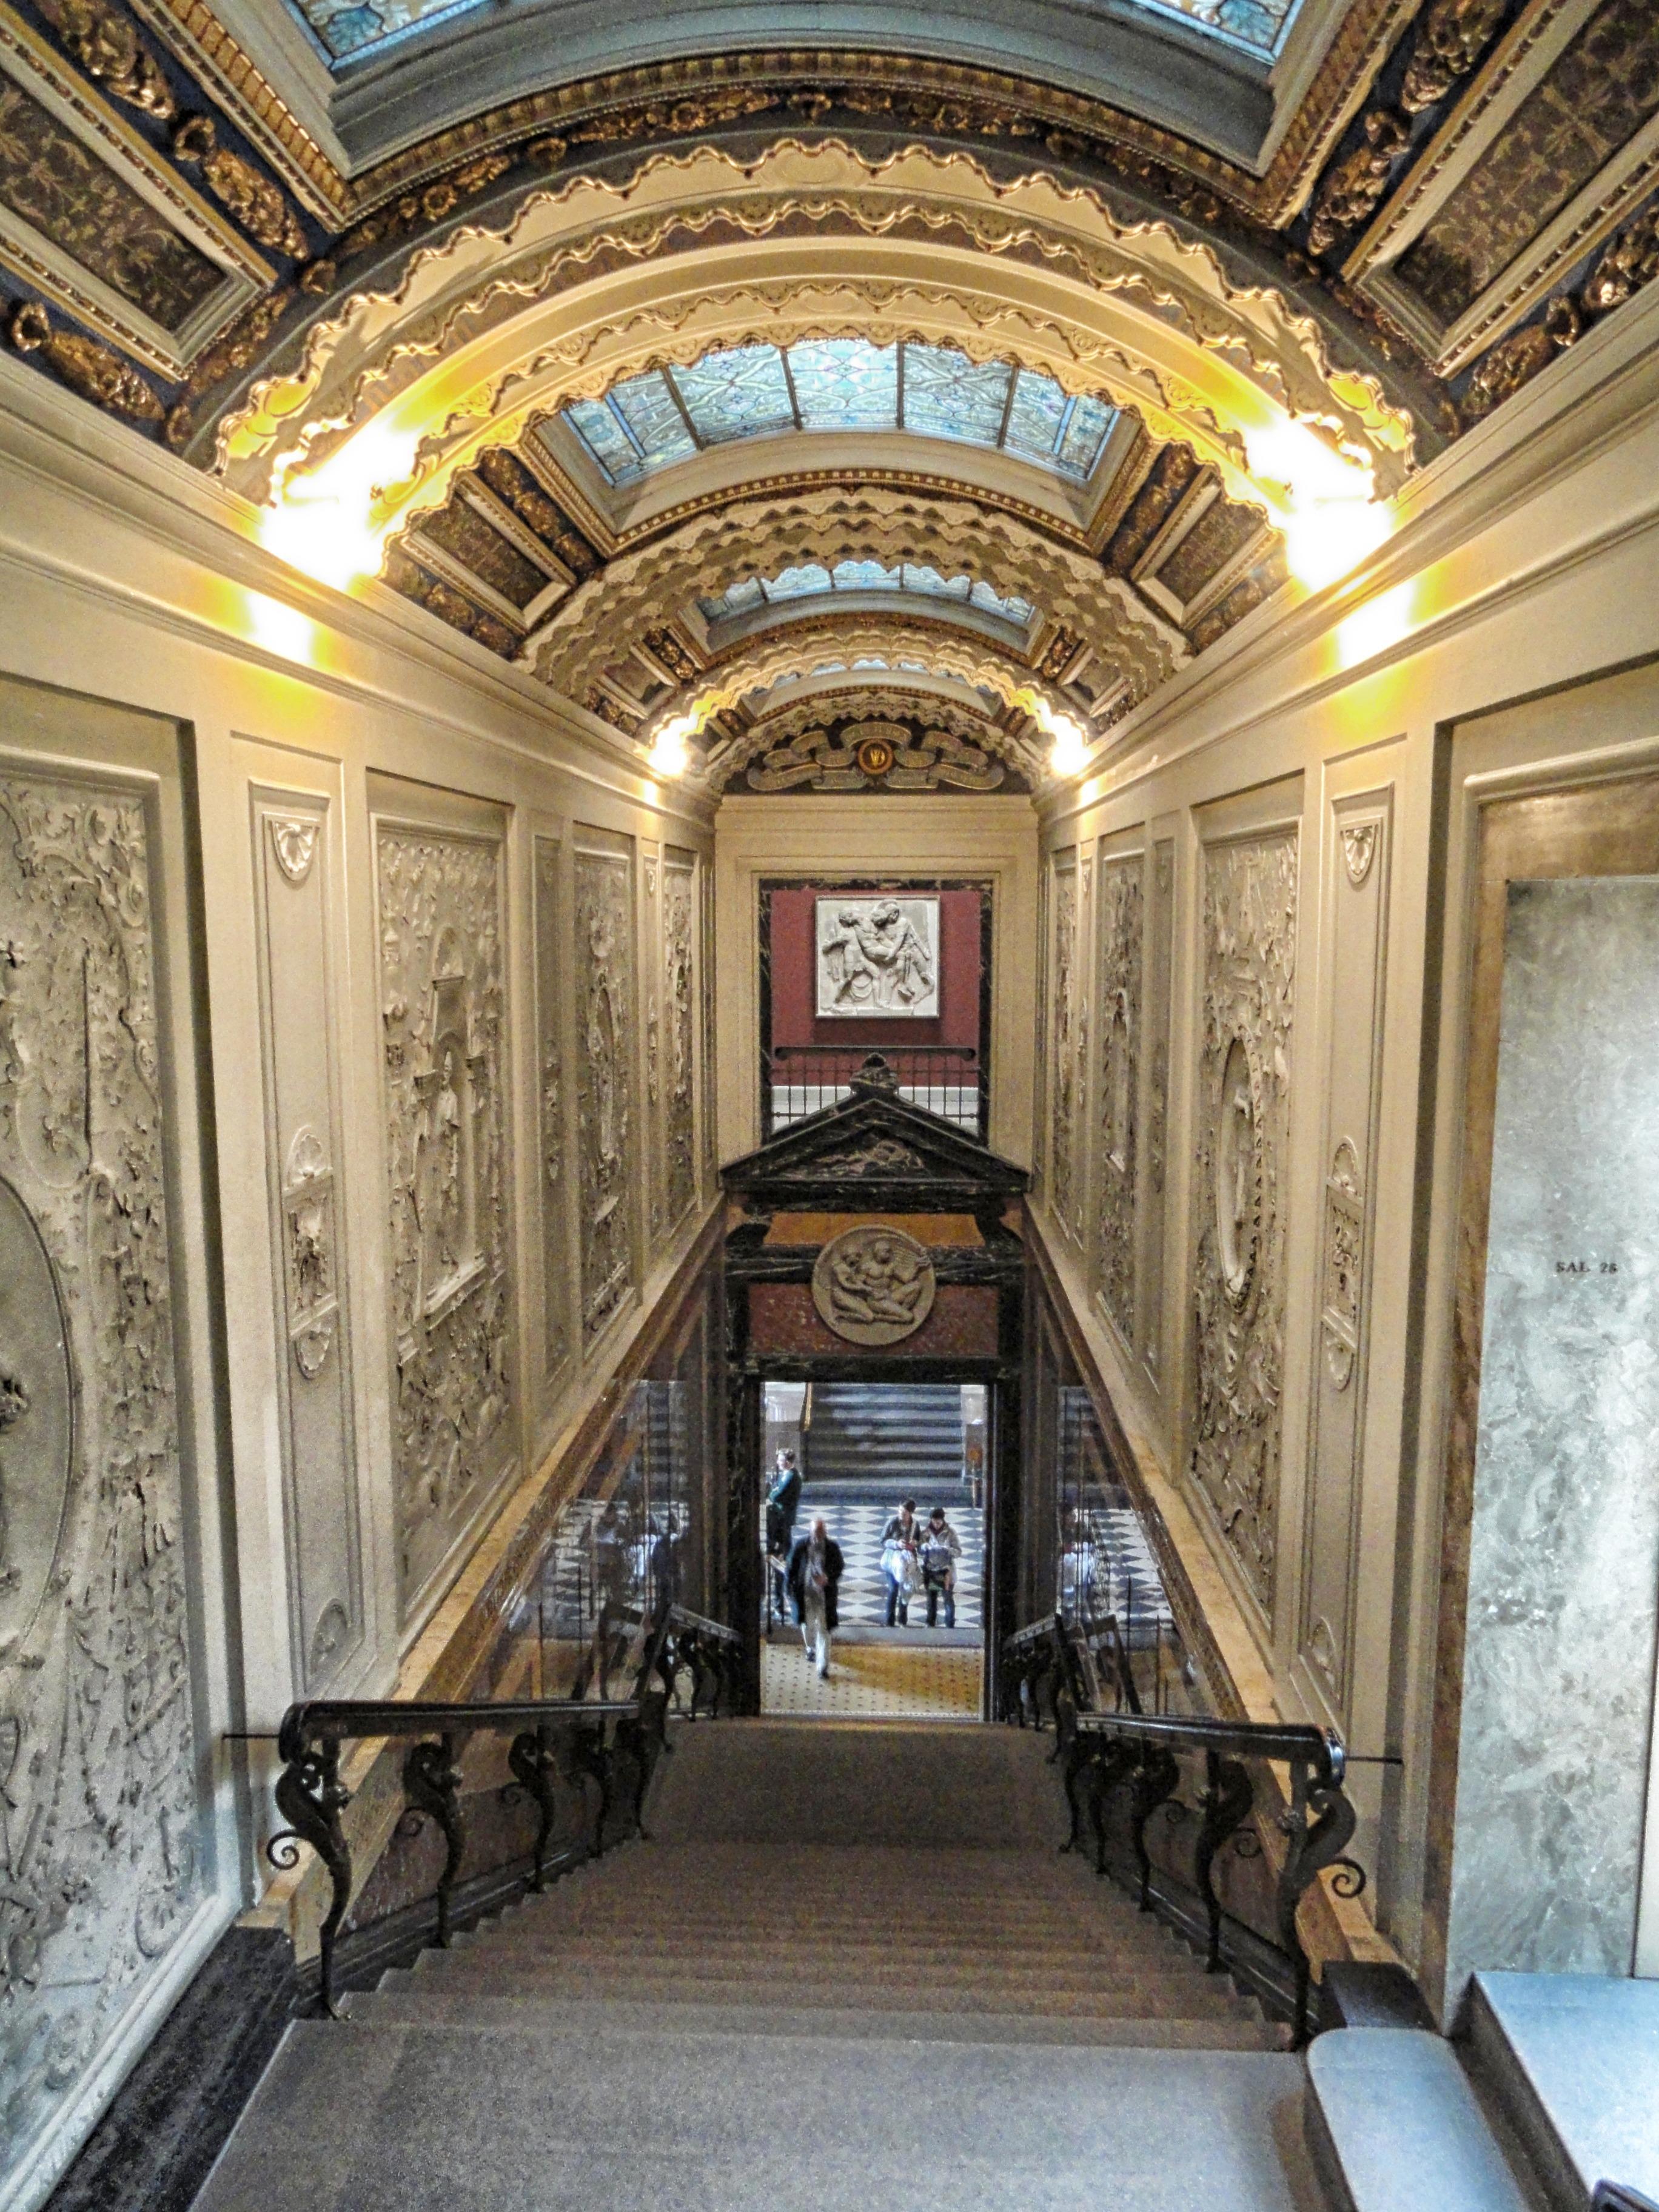 Die Architektur Villa Innere Gebäude Palast Schritte Halle Kapelle Treppe  Beleuchtung Innenarchitektur Innen Hotel Dänemark Kopenhagen